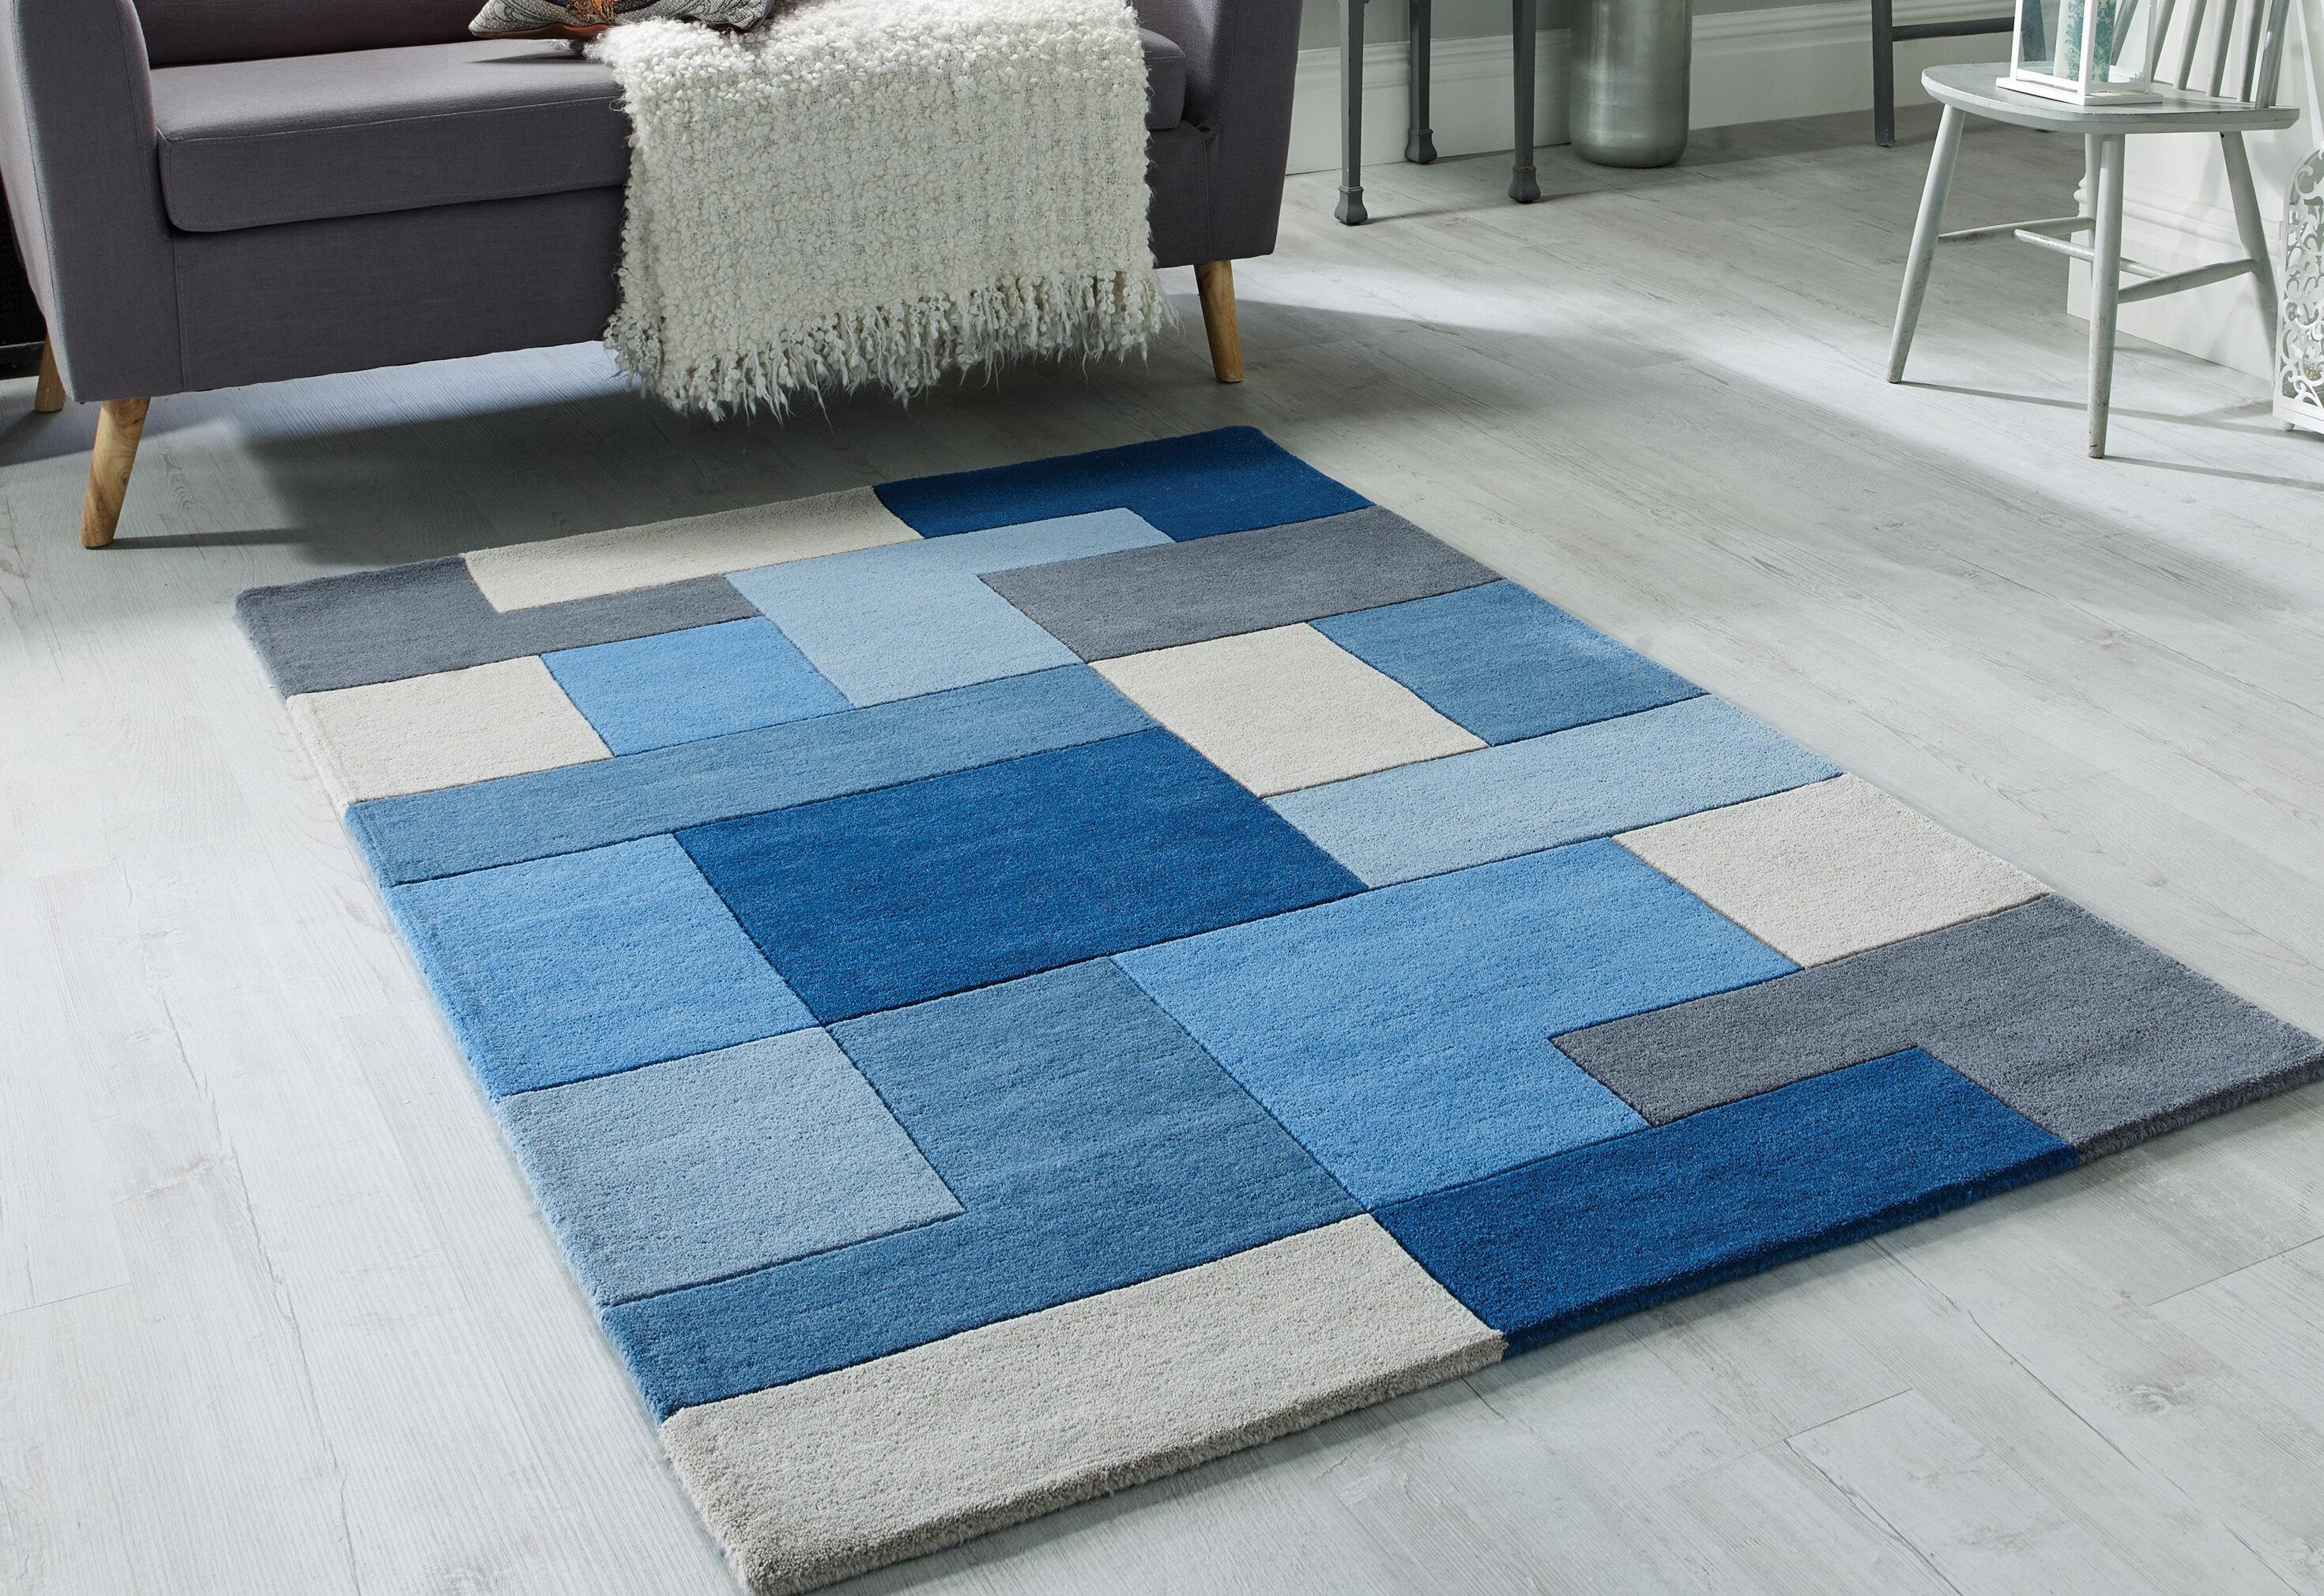 Fußboden Teppich Xl ~ Laminat teppich wir verlegen fachmnnisch laminat teppich pvc und